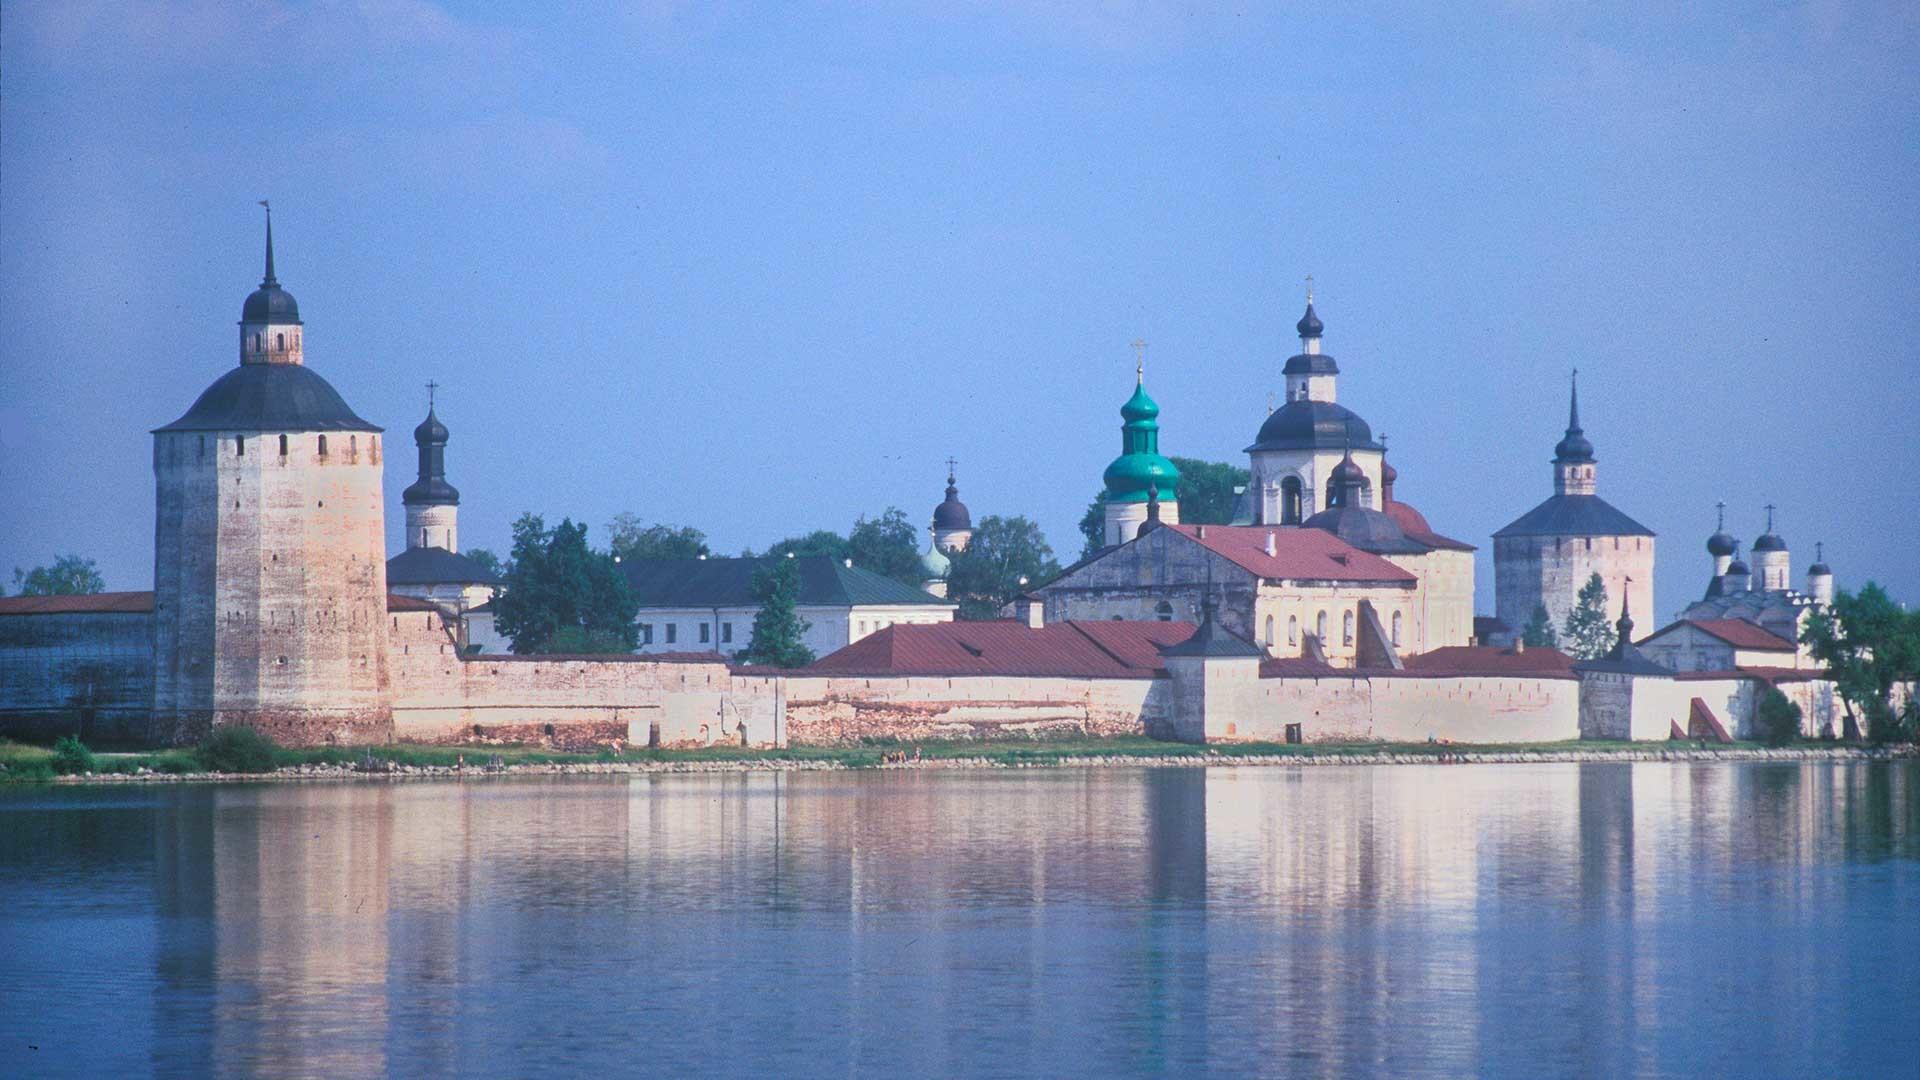 """От лявно надясно: Белозерска кула, църква на Йоан Лествичник,  църква """"Секновение"""" (между дърветата), катедрала """"Успение Богородично"""", трапезна църква """"Сретение господне"""", църква """"Архангел Гавриил"""", камбанария, ковачница, църква """"Преображение господне"""". 15 юли, 1999 г."""